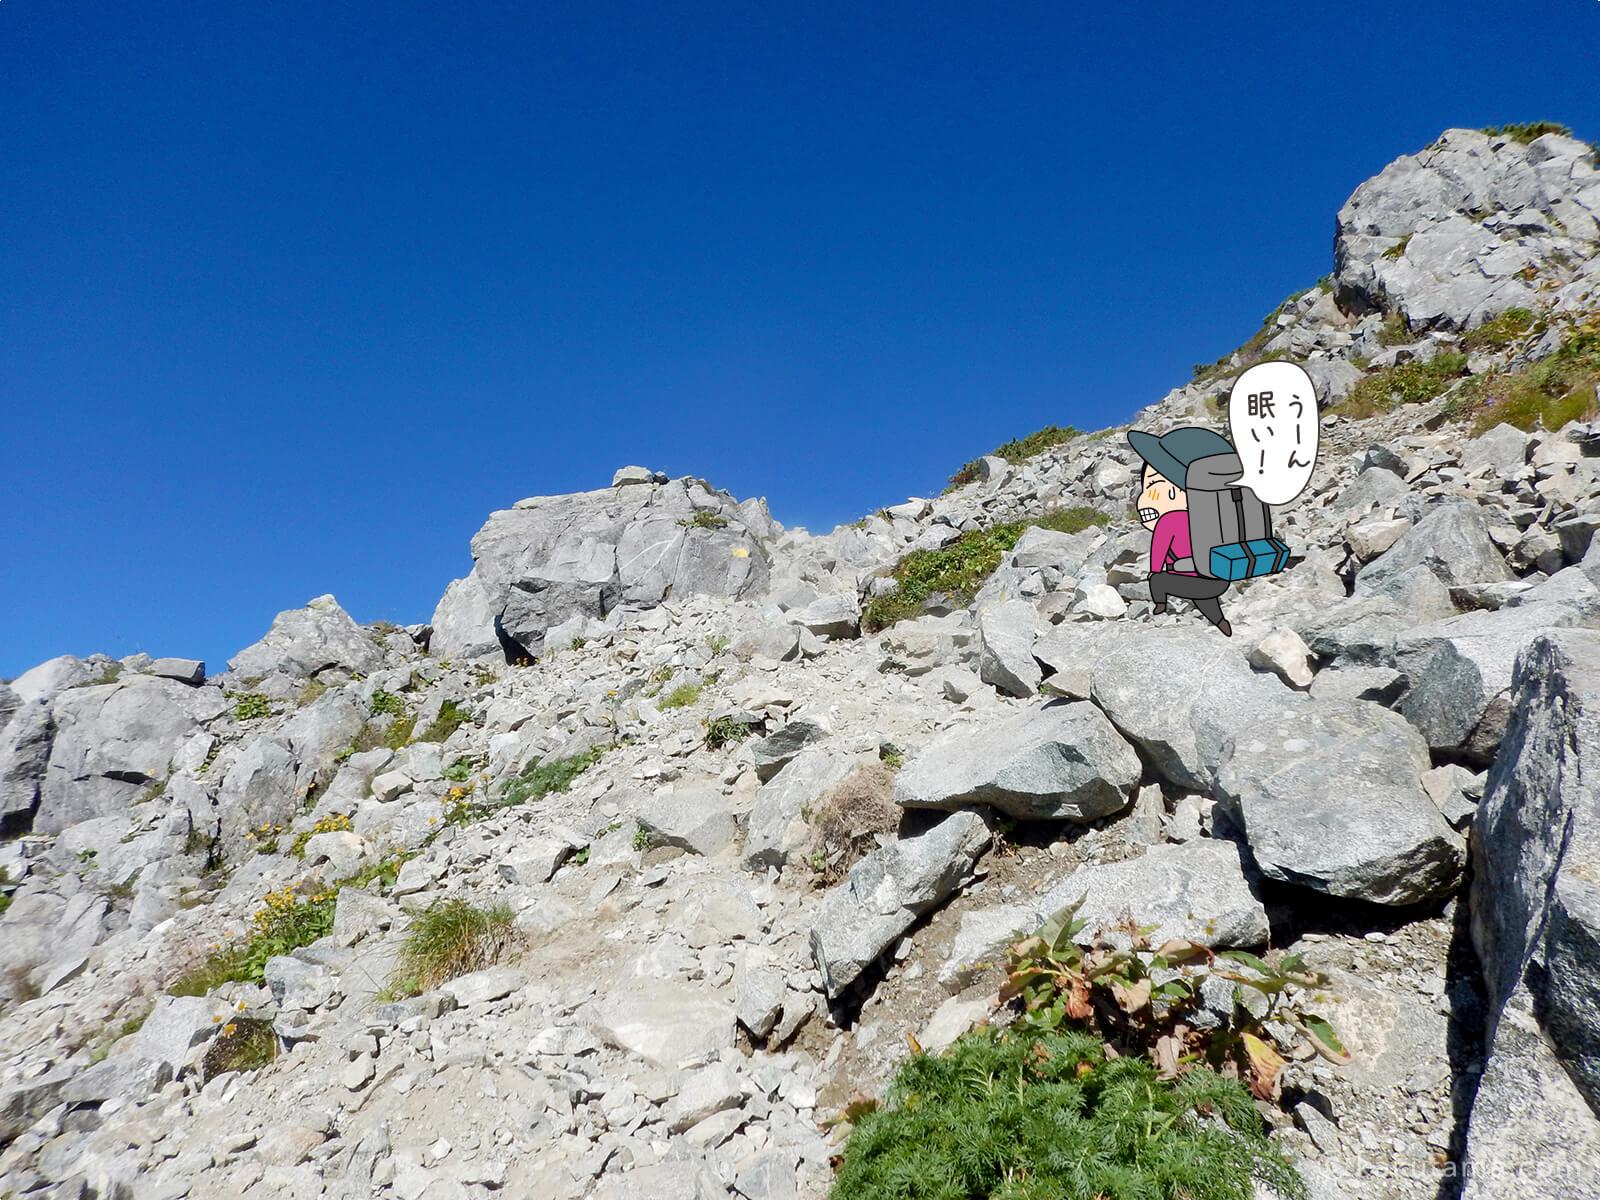 三俣蓮華岳へ向かって登る3